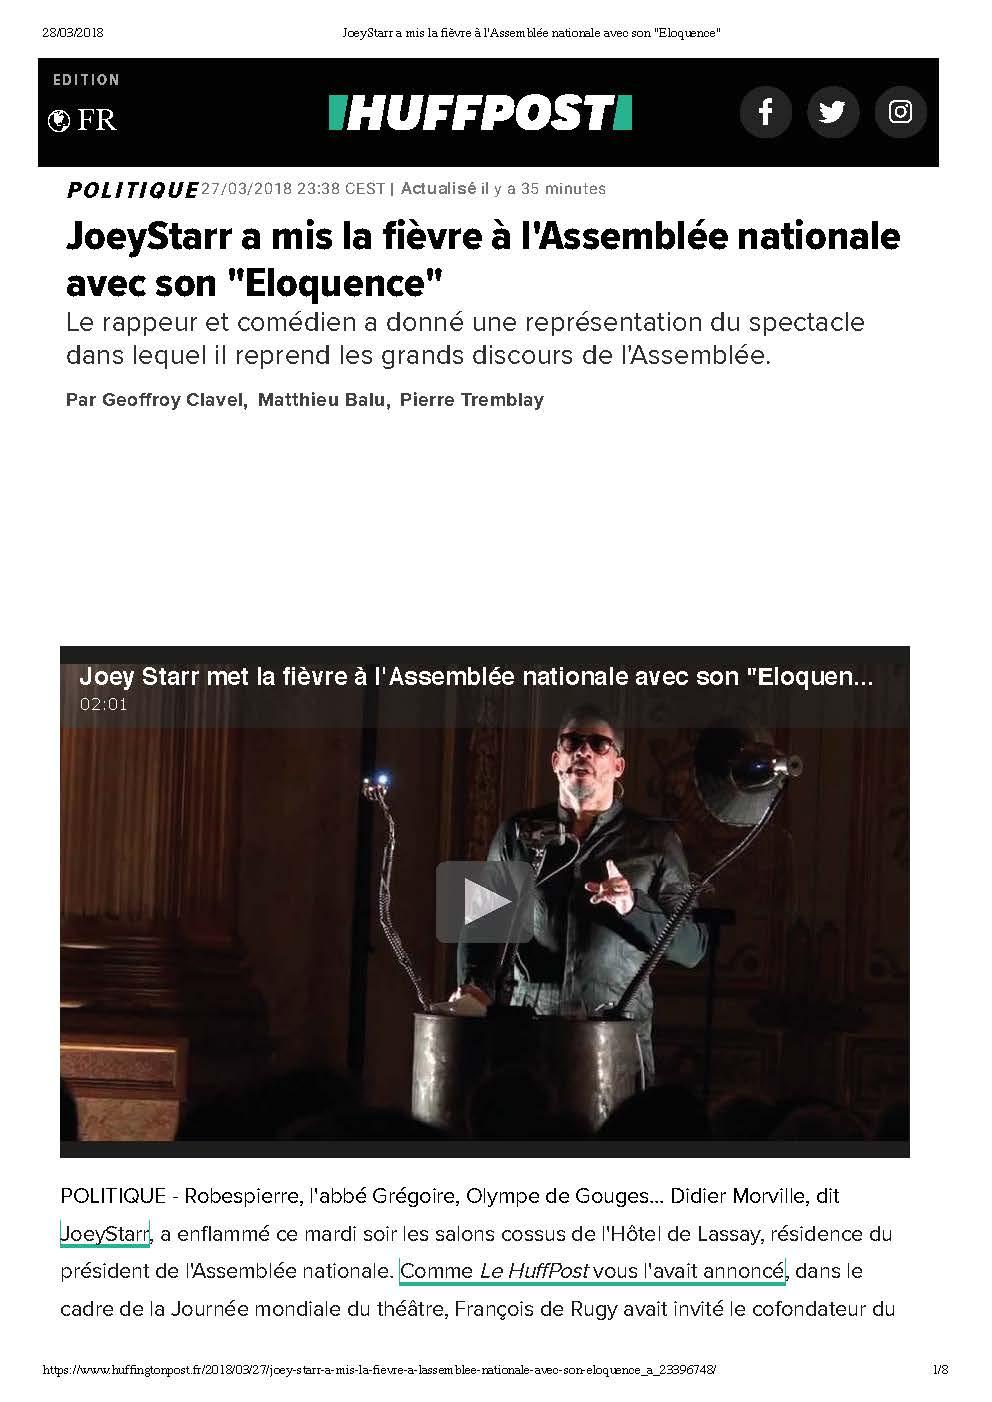 HUFFPOST_280318JoeyStarr_a_mis_la_fièvre_à_l'Assemblée_nationale_avec_son__Eloquence__Page_1